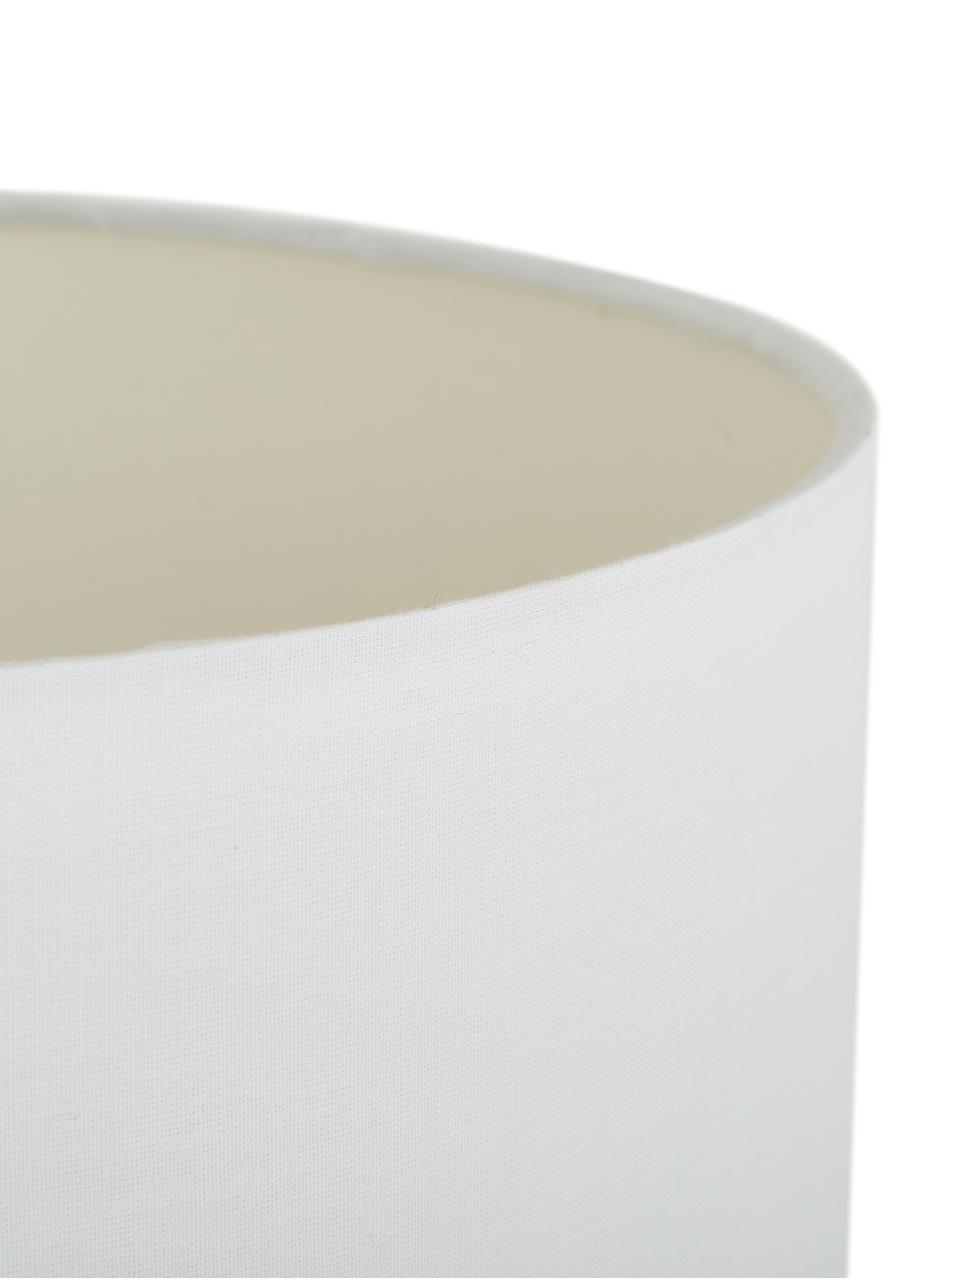 Tischlampe Eleanora in Weiß-Gold, Lampenschirm: Textil, Lampenfuß: Keramik, Weiß, Goldfarben, Ø 28 x H 47 cm